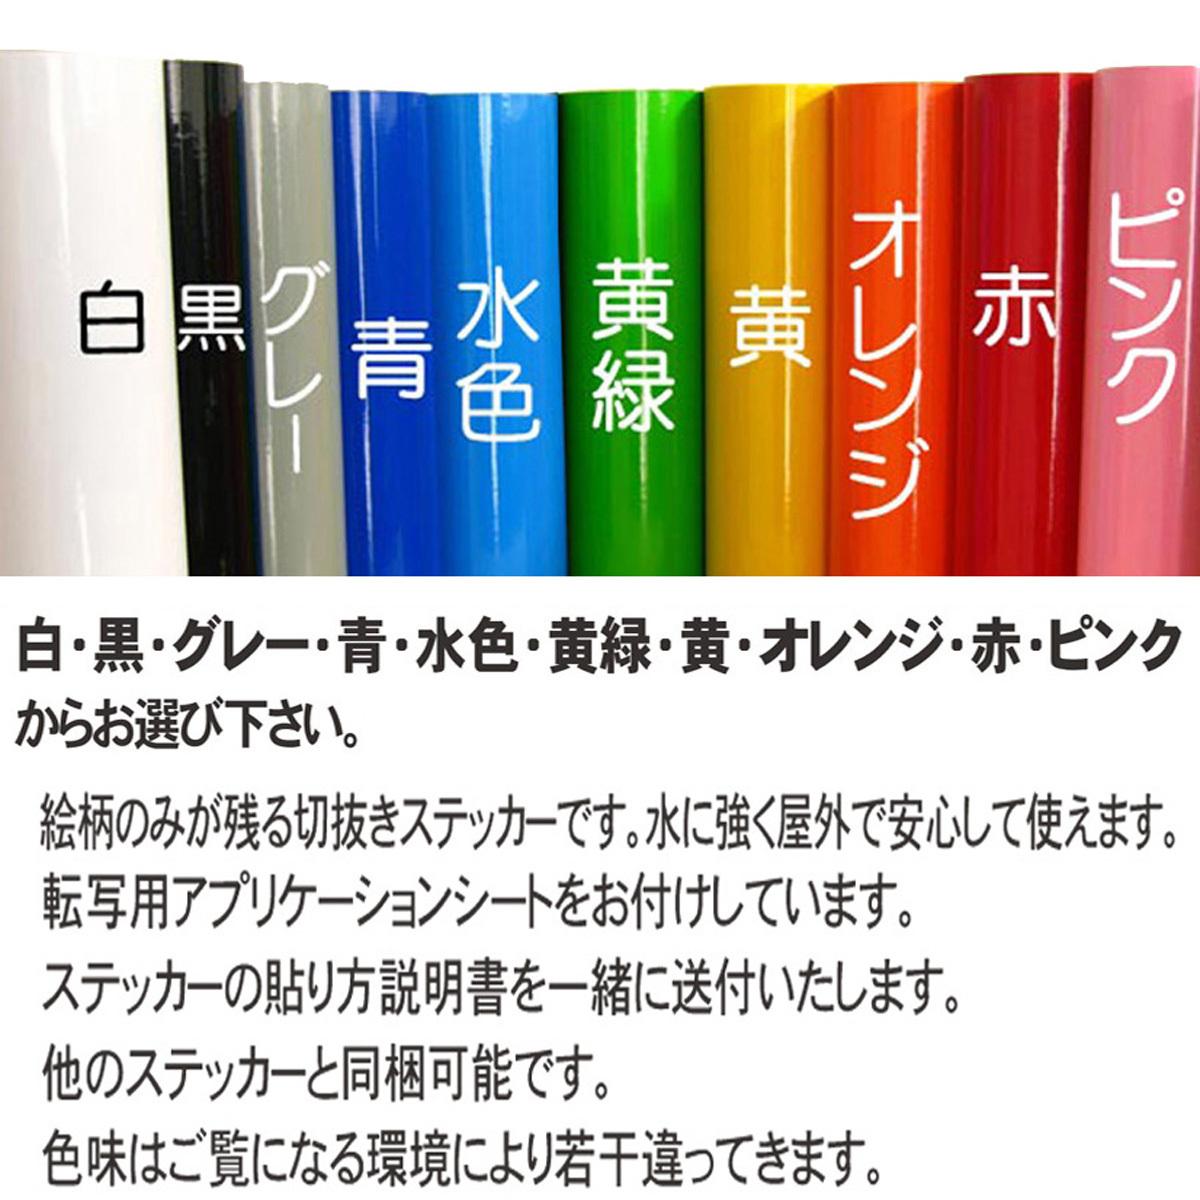 ●フラワーオブライフ 幾何学模様 「生命の花」運気向上 開運ステッカー 10色から選べる 701_画像5